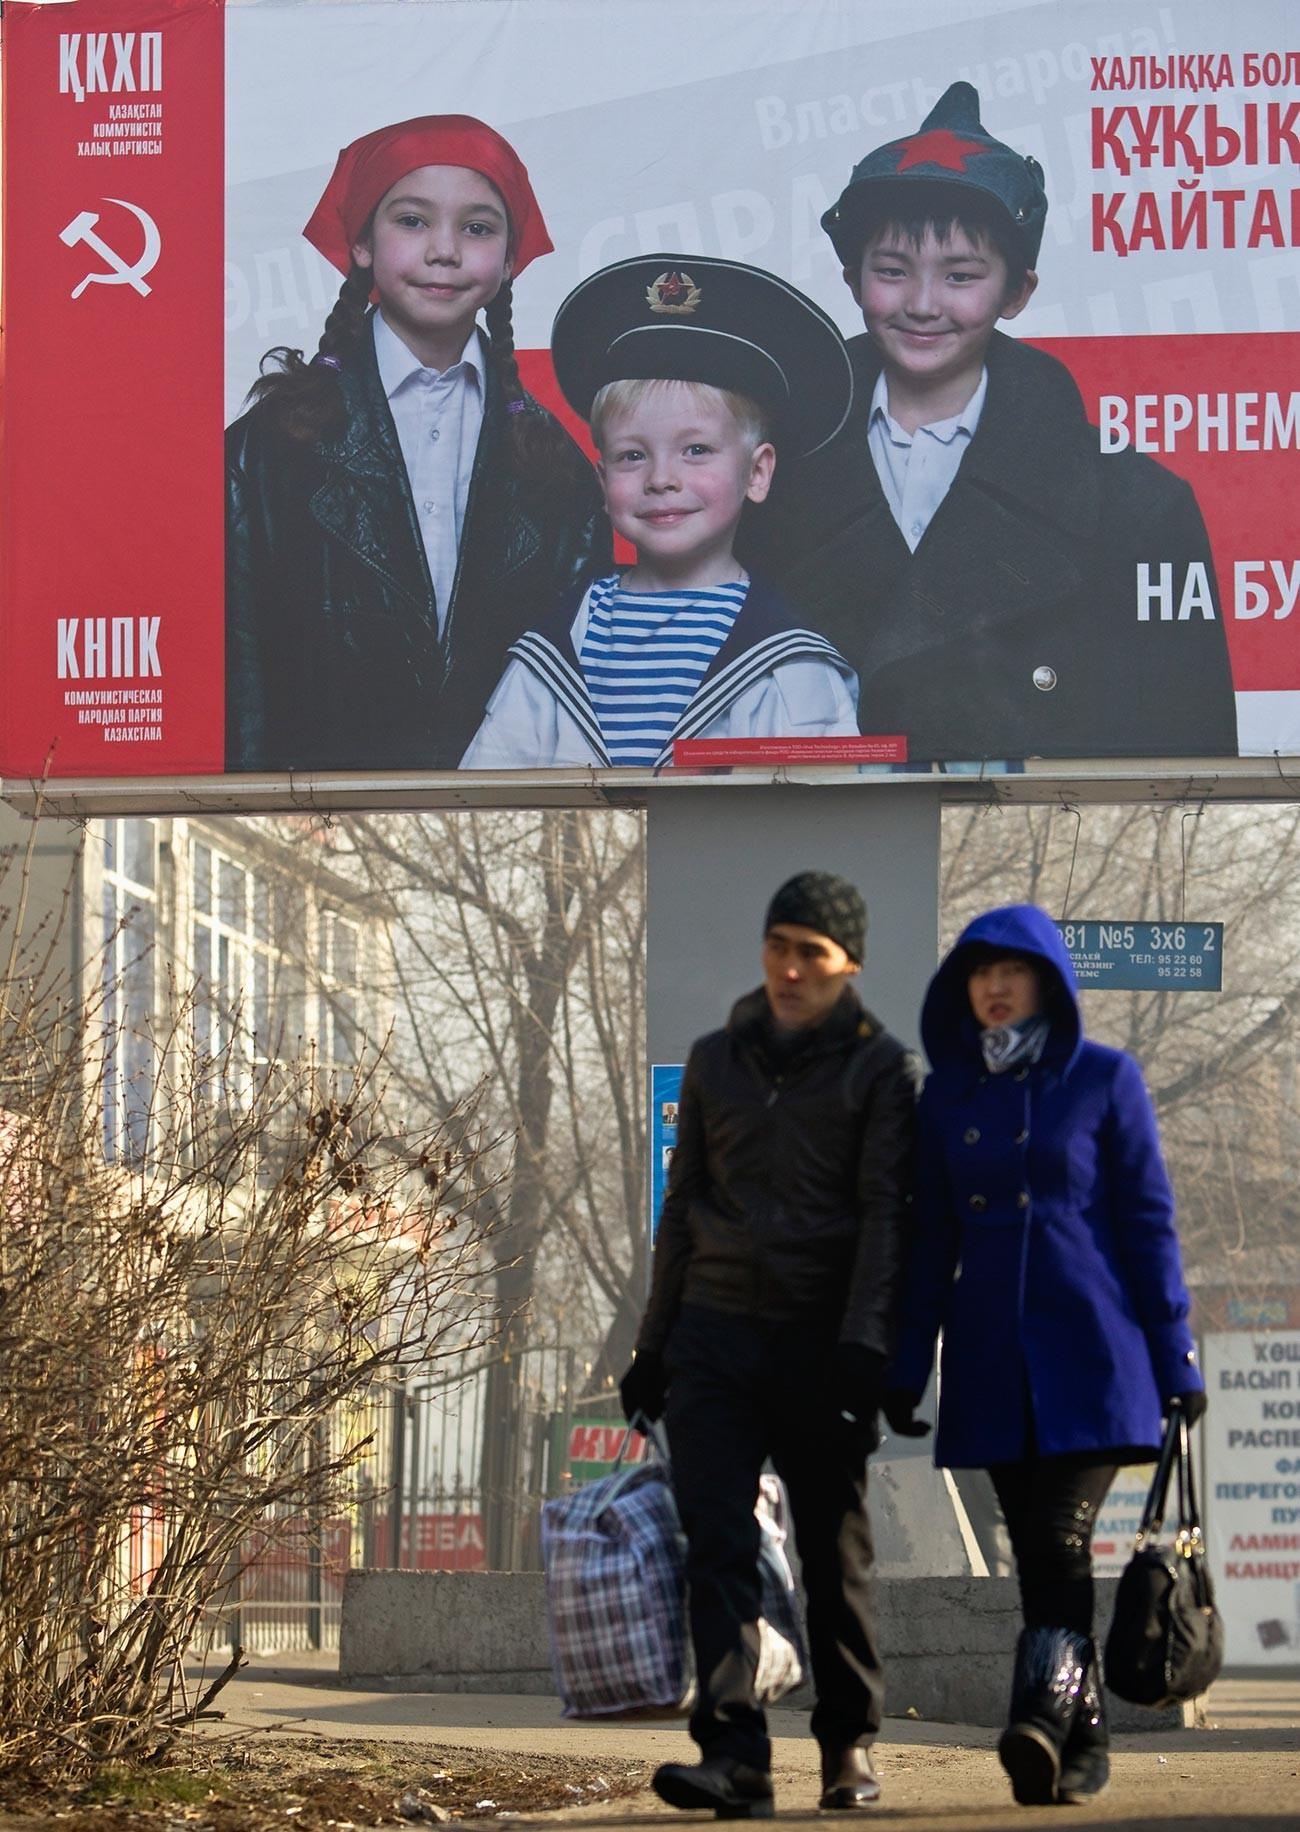 Orang-orang melewati poster pemilu Partai Rakyat Komunis Kazakhstan (QKHP) di Almaty.